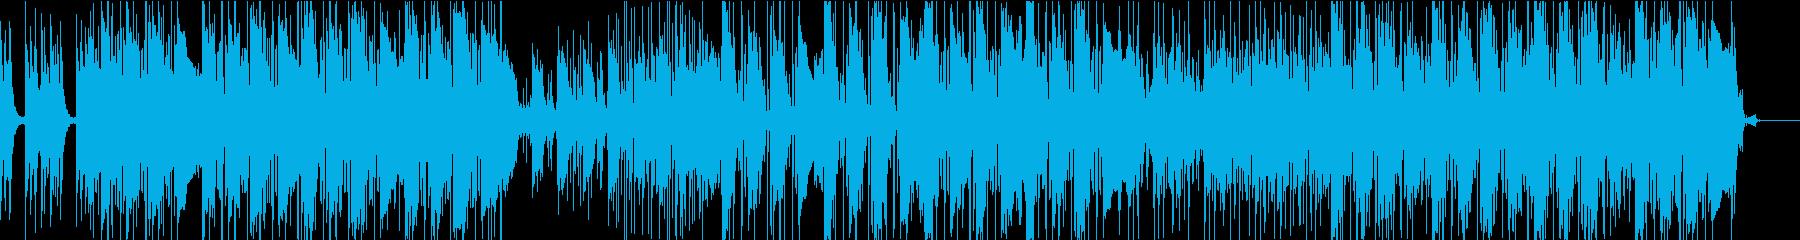 シンセでテンションの上がる曲の再生済みの波形